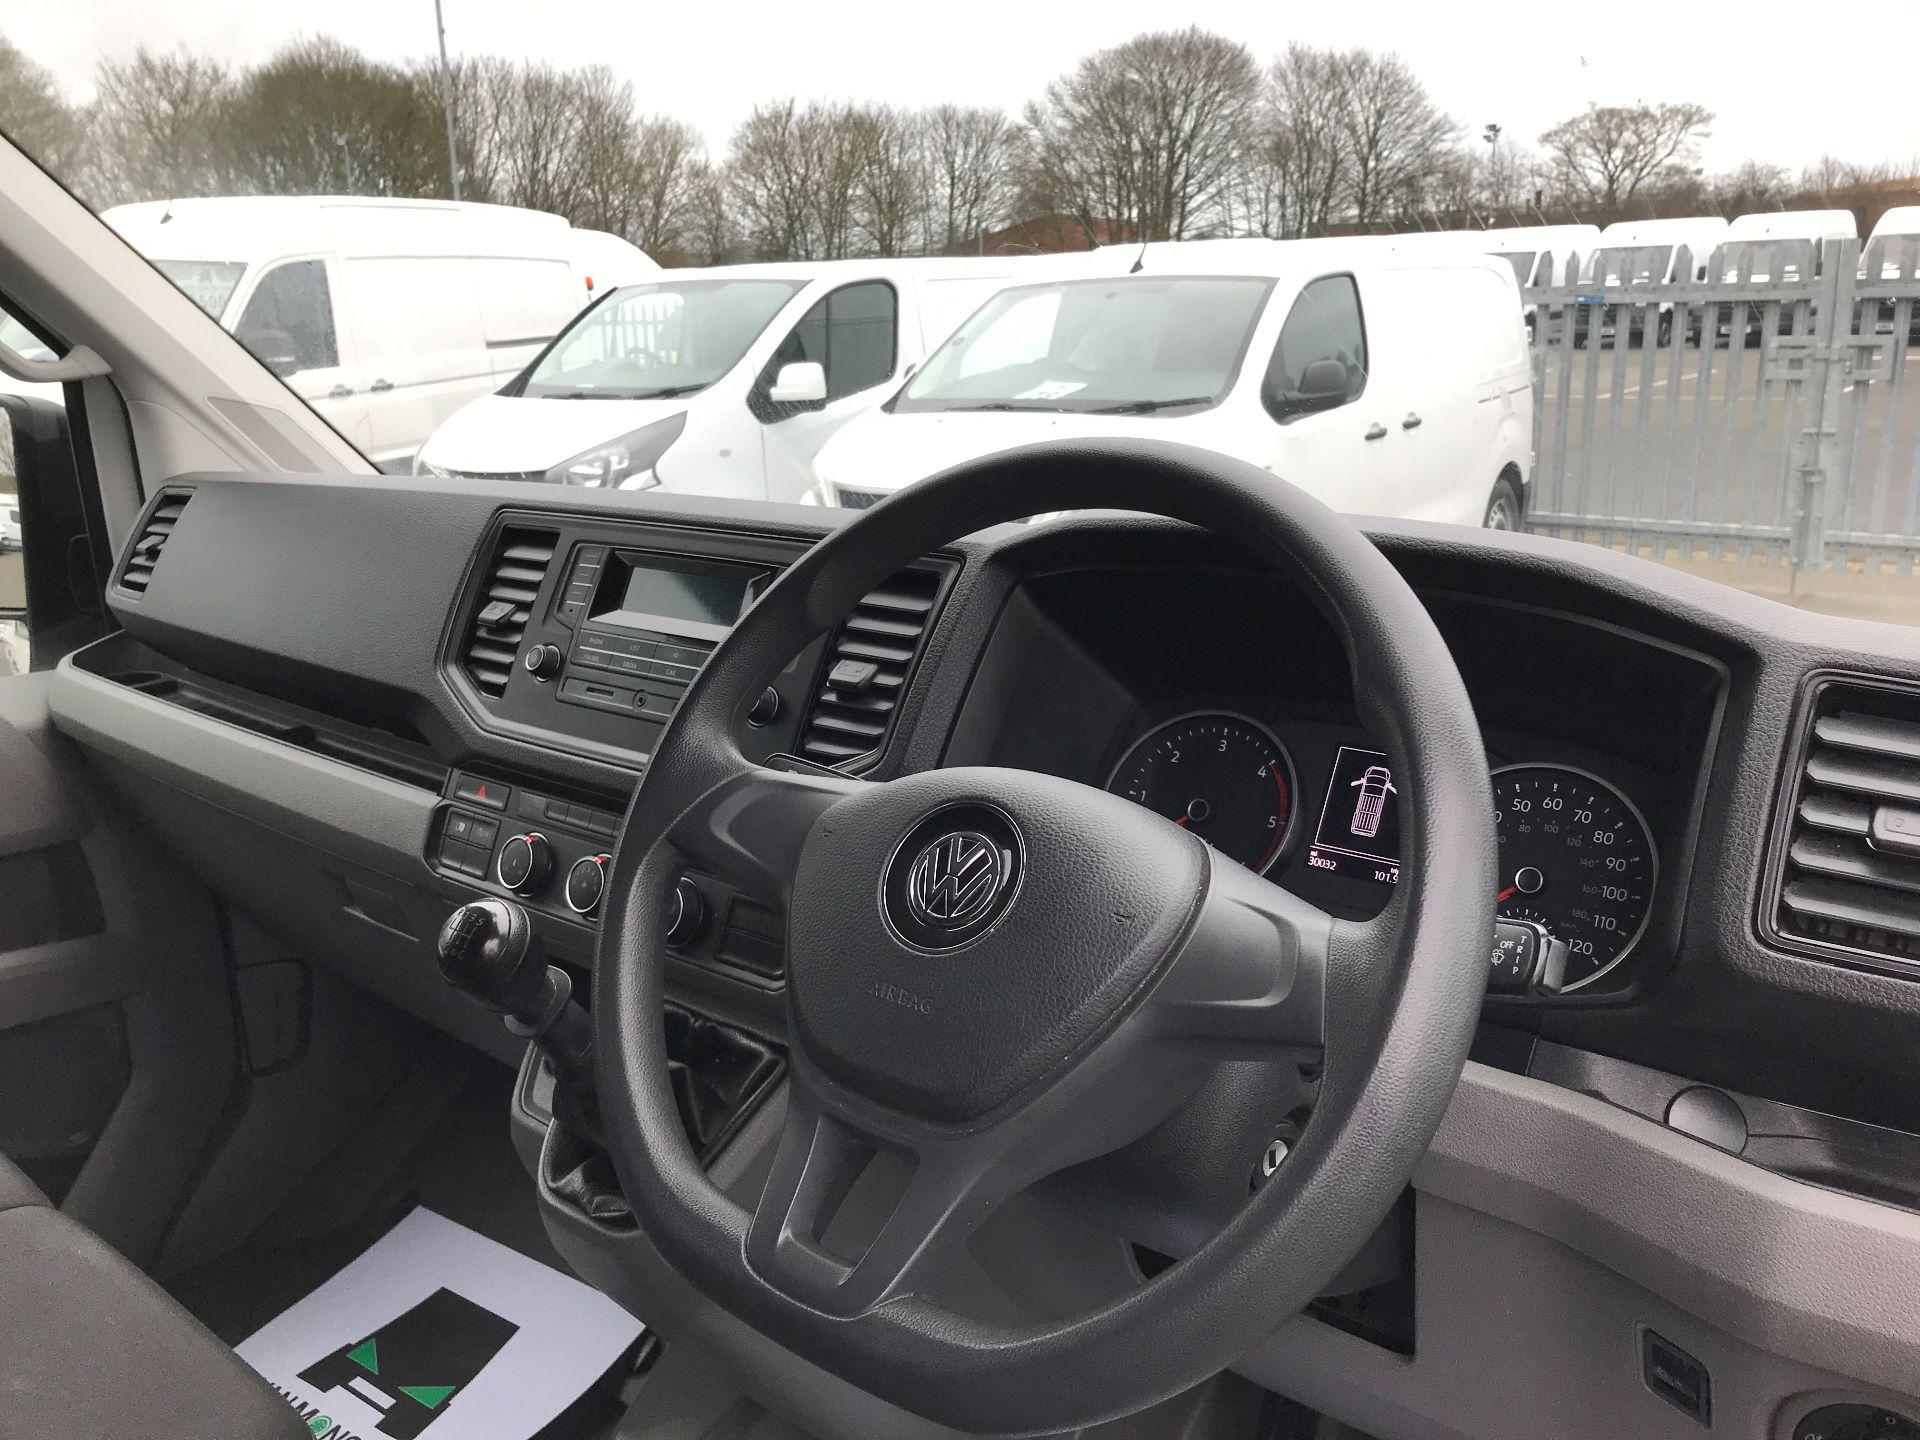 2018 Volkswagen Crafter 2.0 TDI 140PS STARTLINE LWB HIGH ROOF VAN EURO 6 (GJ68ZRR) Image 16